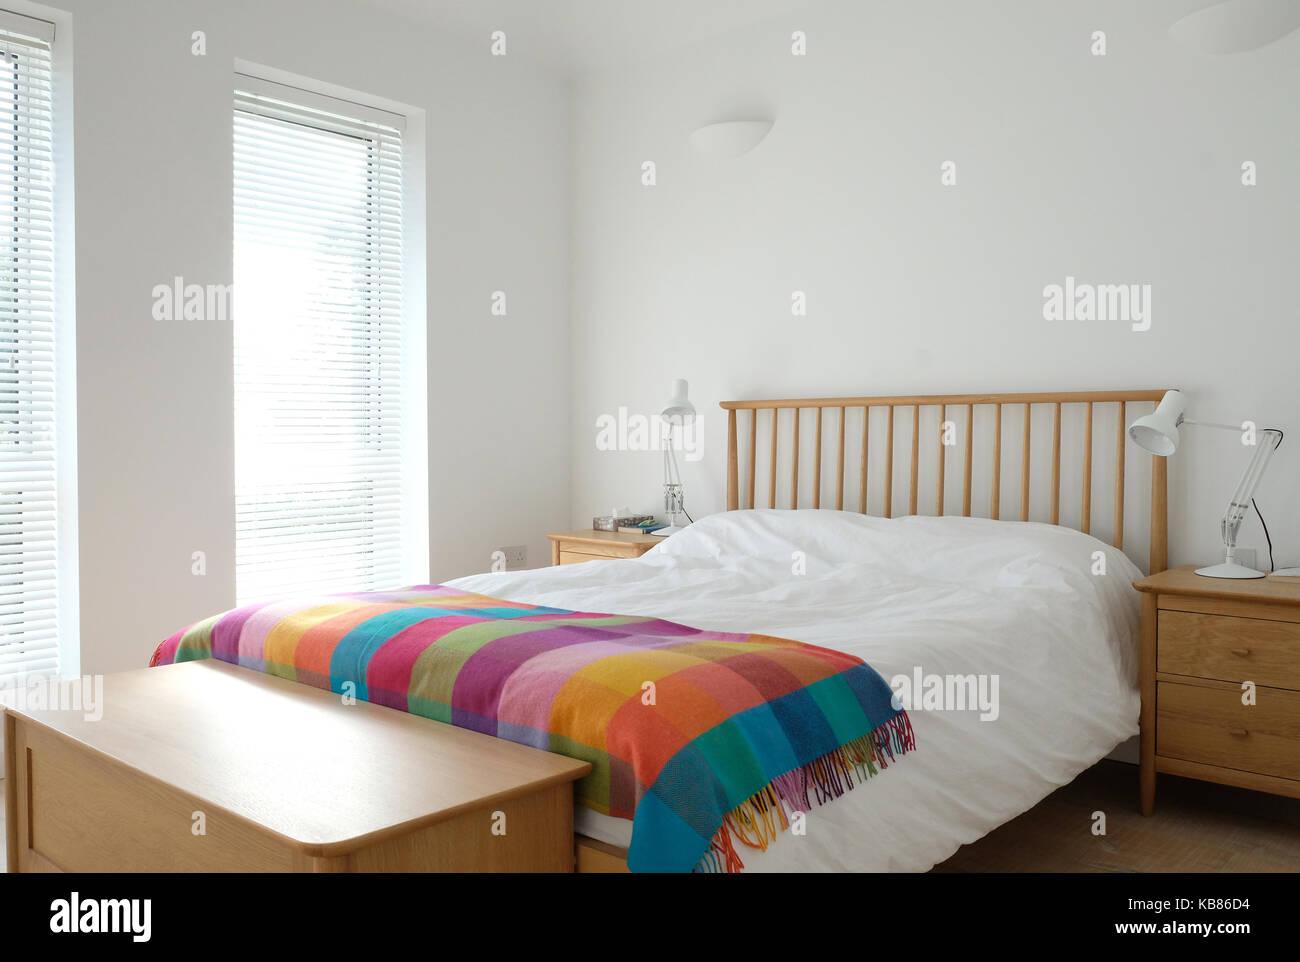 Scandi Inspiriert Schlafzimmer Innenraum Mit Holz Schlafzimmer Mobel Weissen Wanden Weisser Bettwasche Und Bunten Decke Stockfotografie Alamy